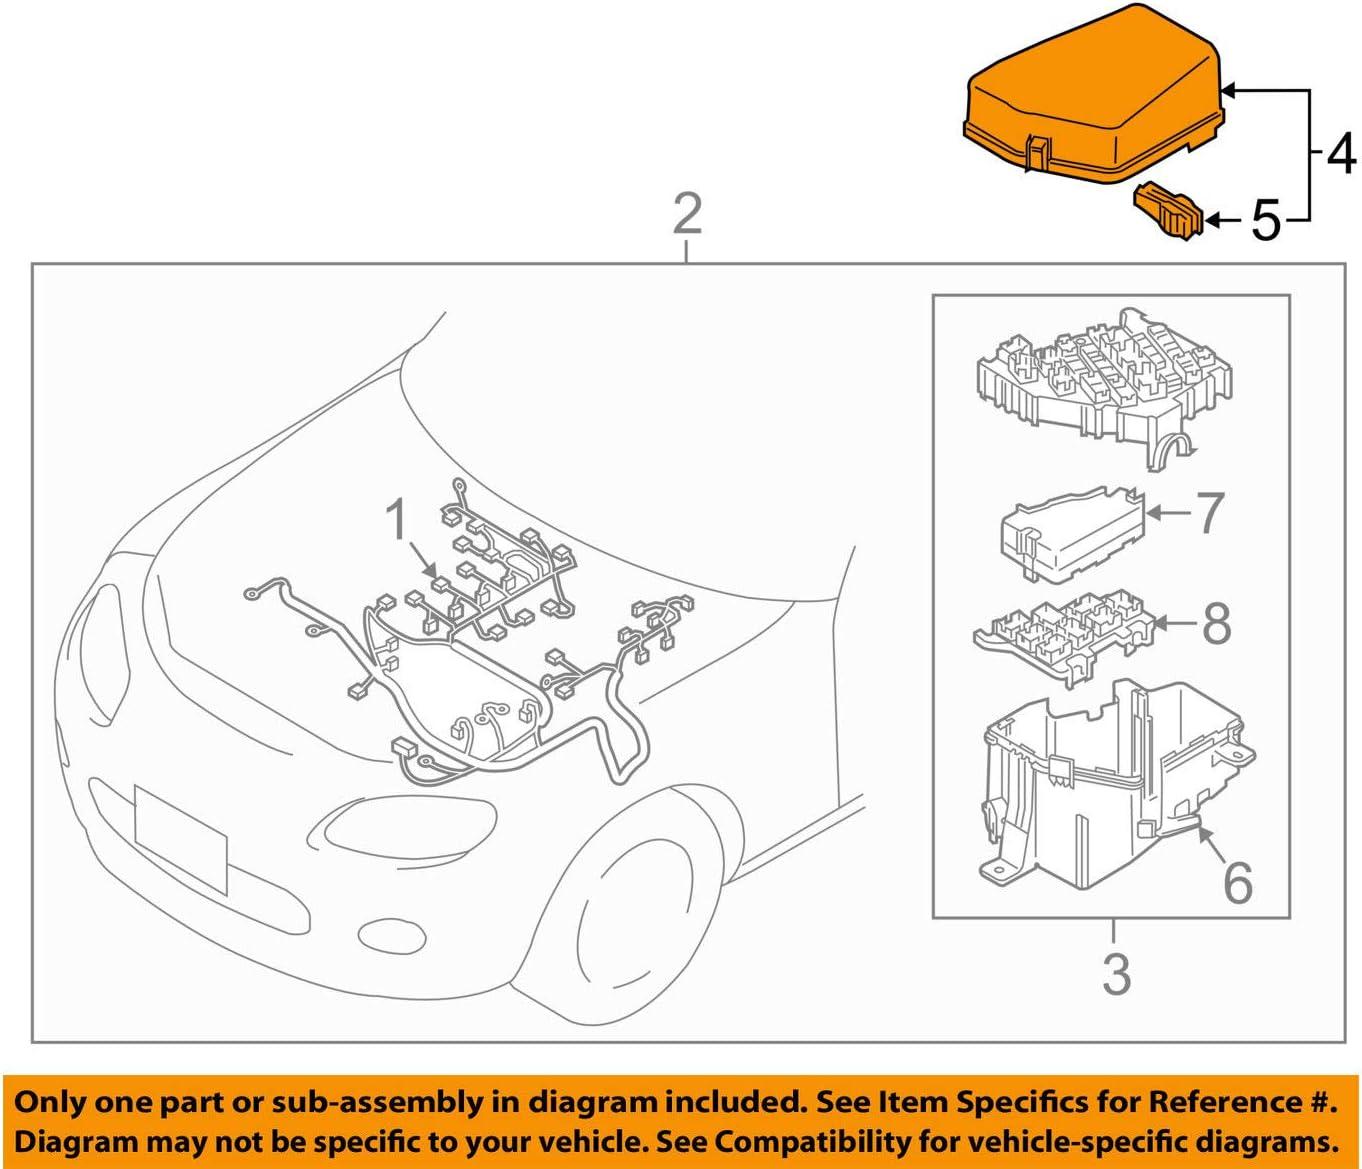 miata fuse box amazon com mazda ne51 66 76yd mx5 nc main fuse box cover automotive  mazda ne51 66 76yd mx5 nc main fuse box